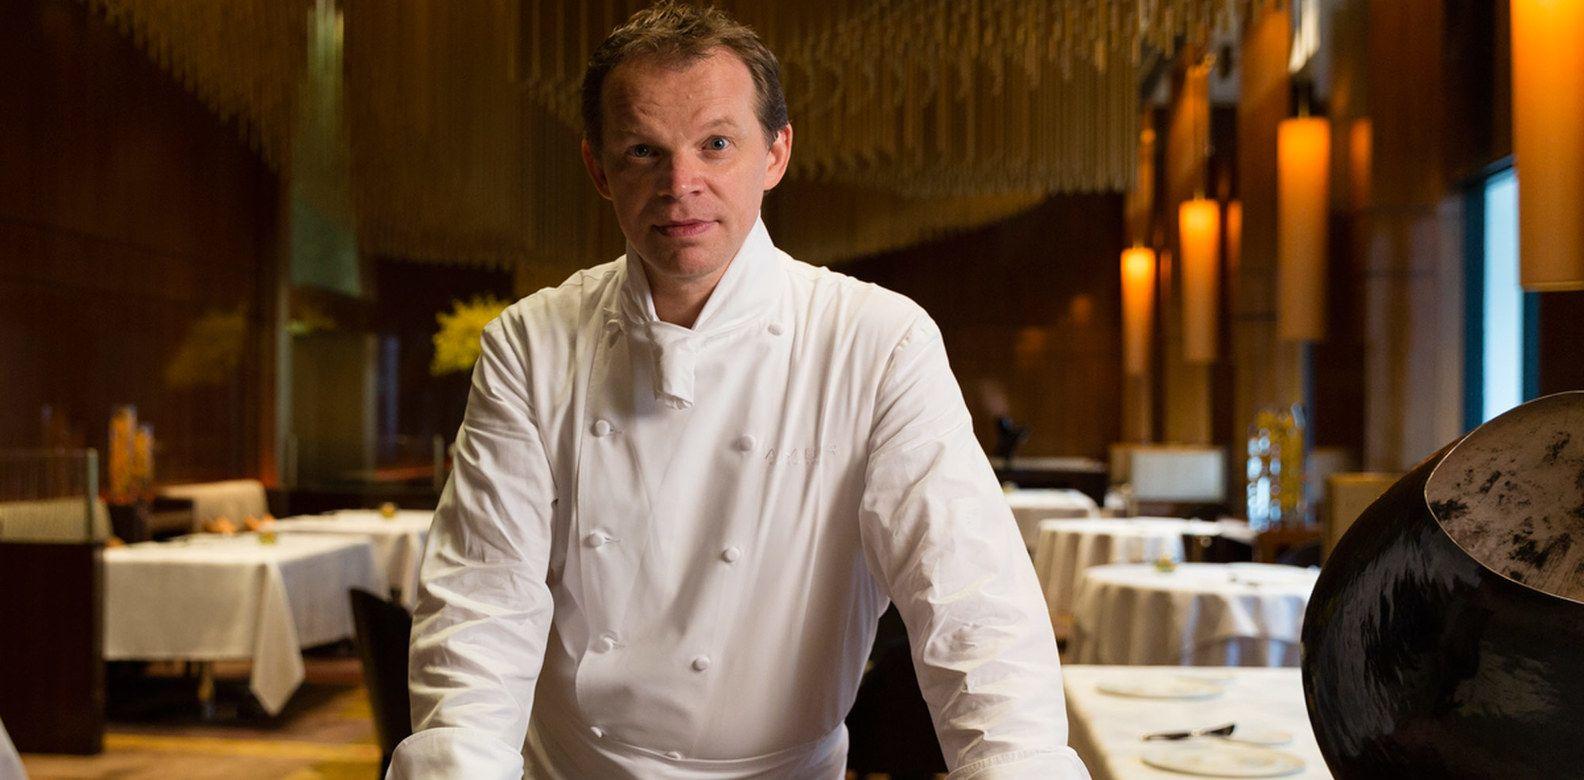 Richard Ekkebus, chef del ristorante Amber del Mandarin Oriental Hong Kong